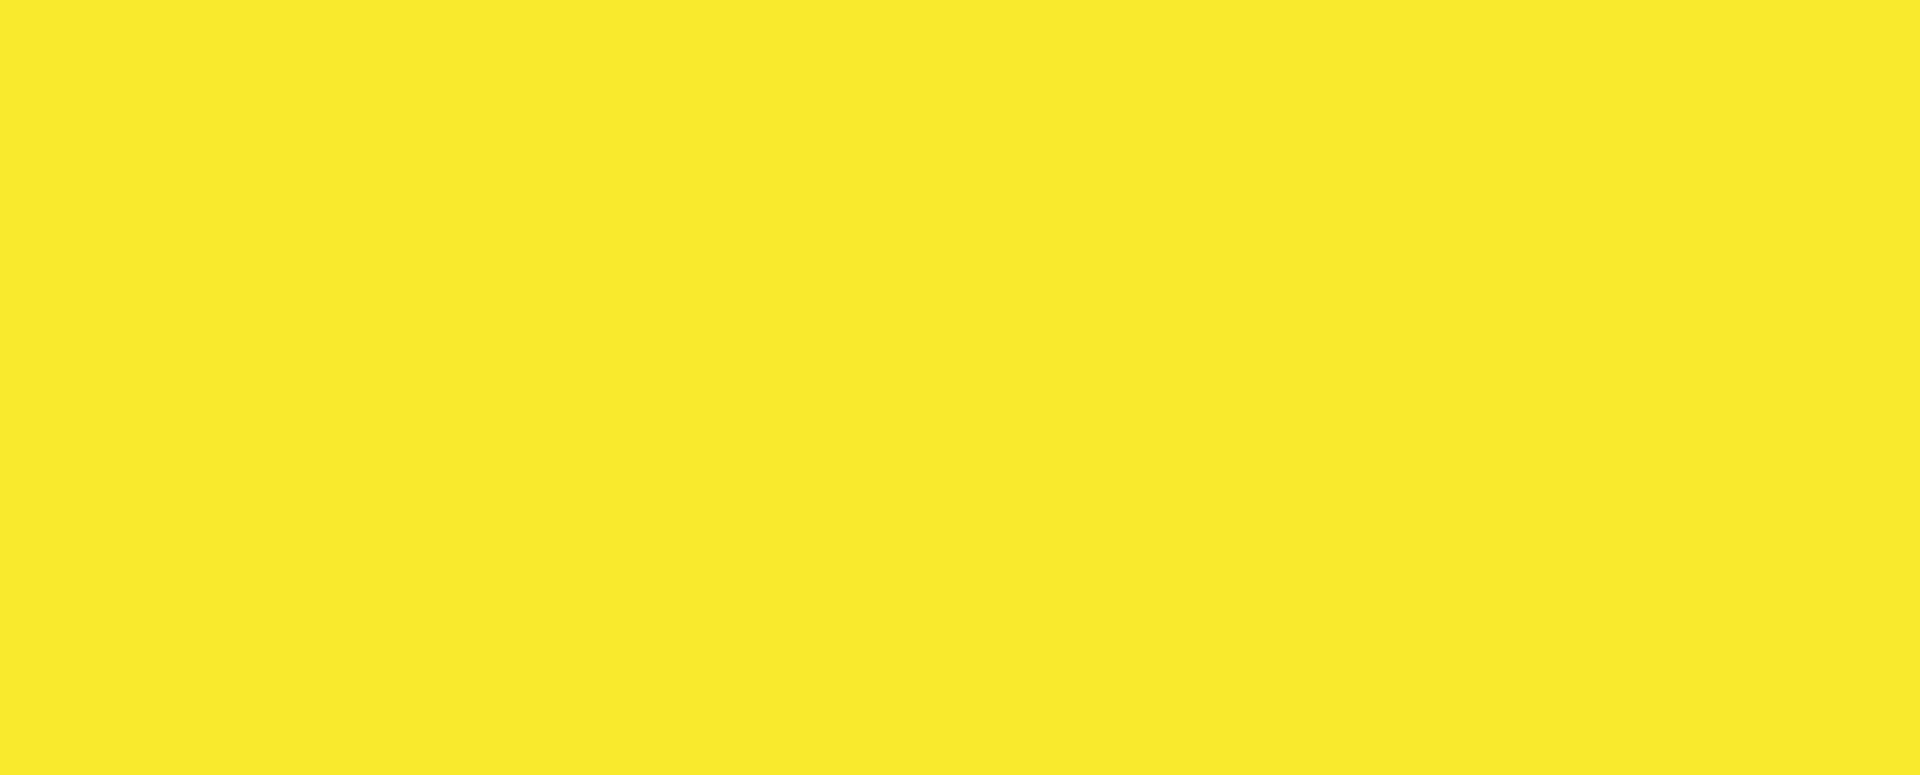 yellow-bg